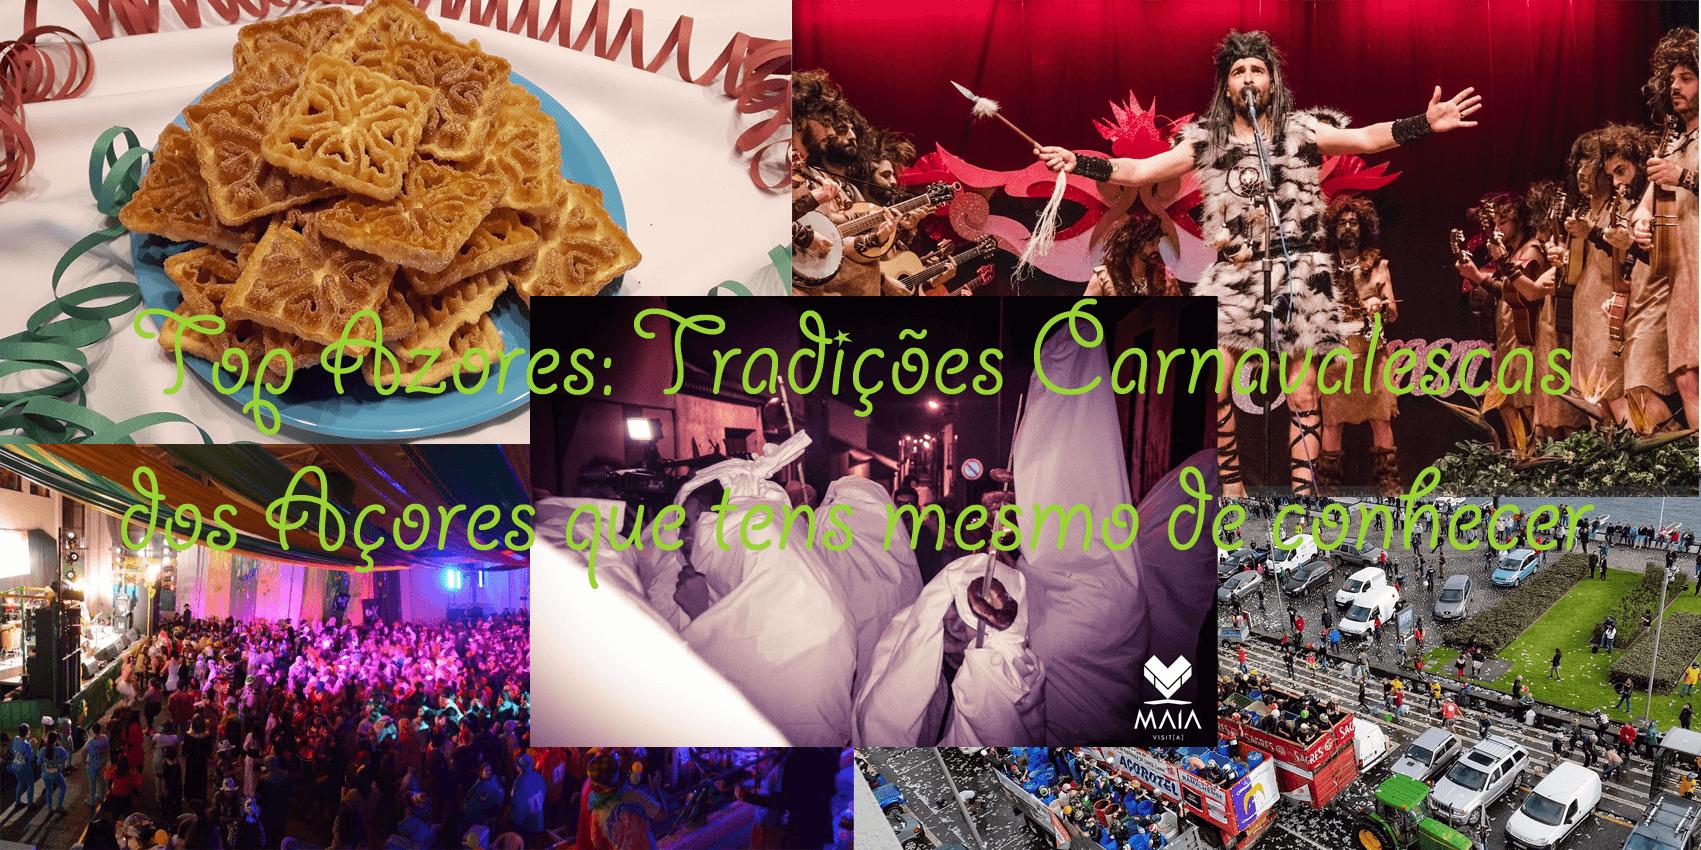 capa-tradições-carnaval-açores